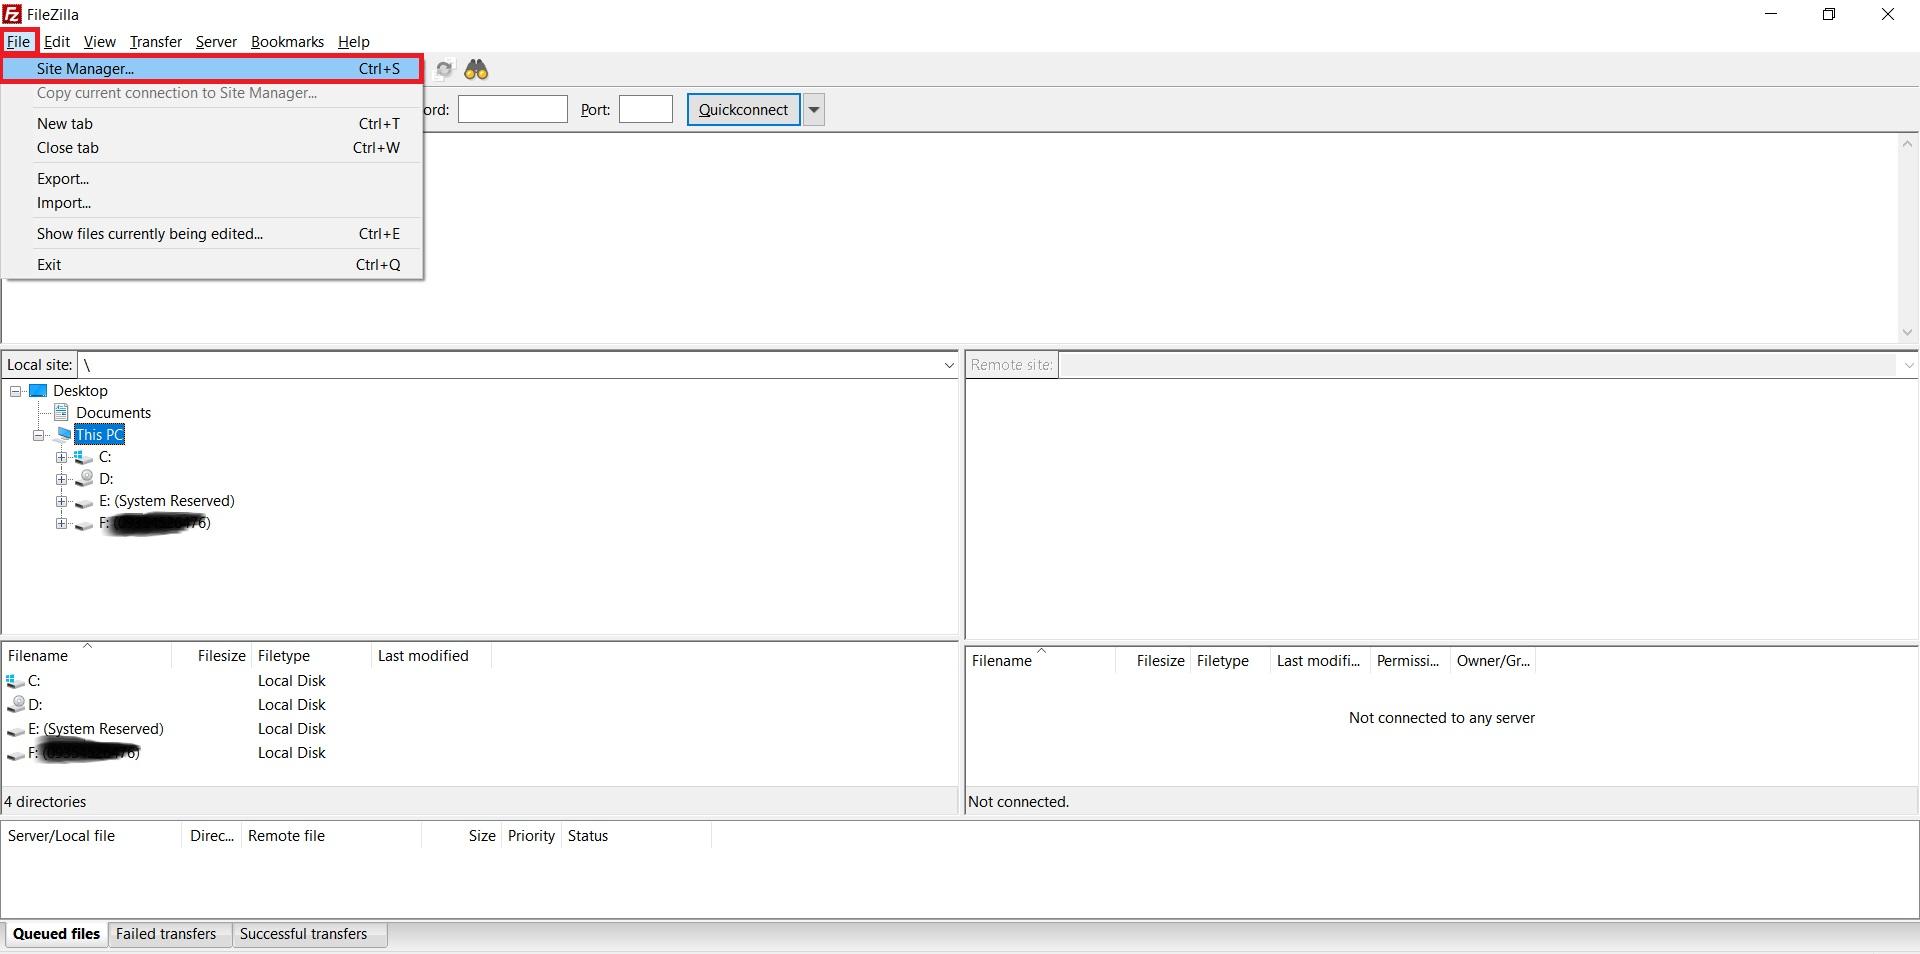 اتصال Site Manager در آموزش استفاده از FileZilla